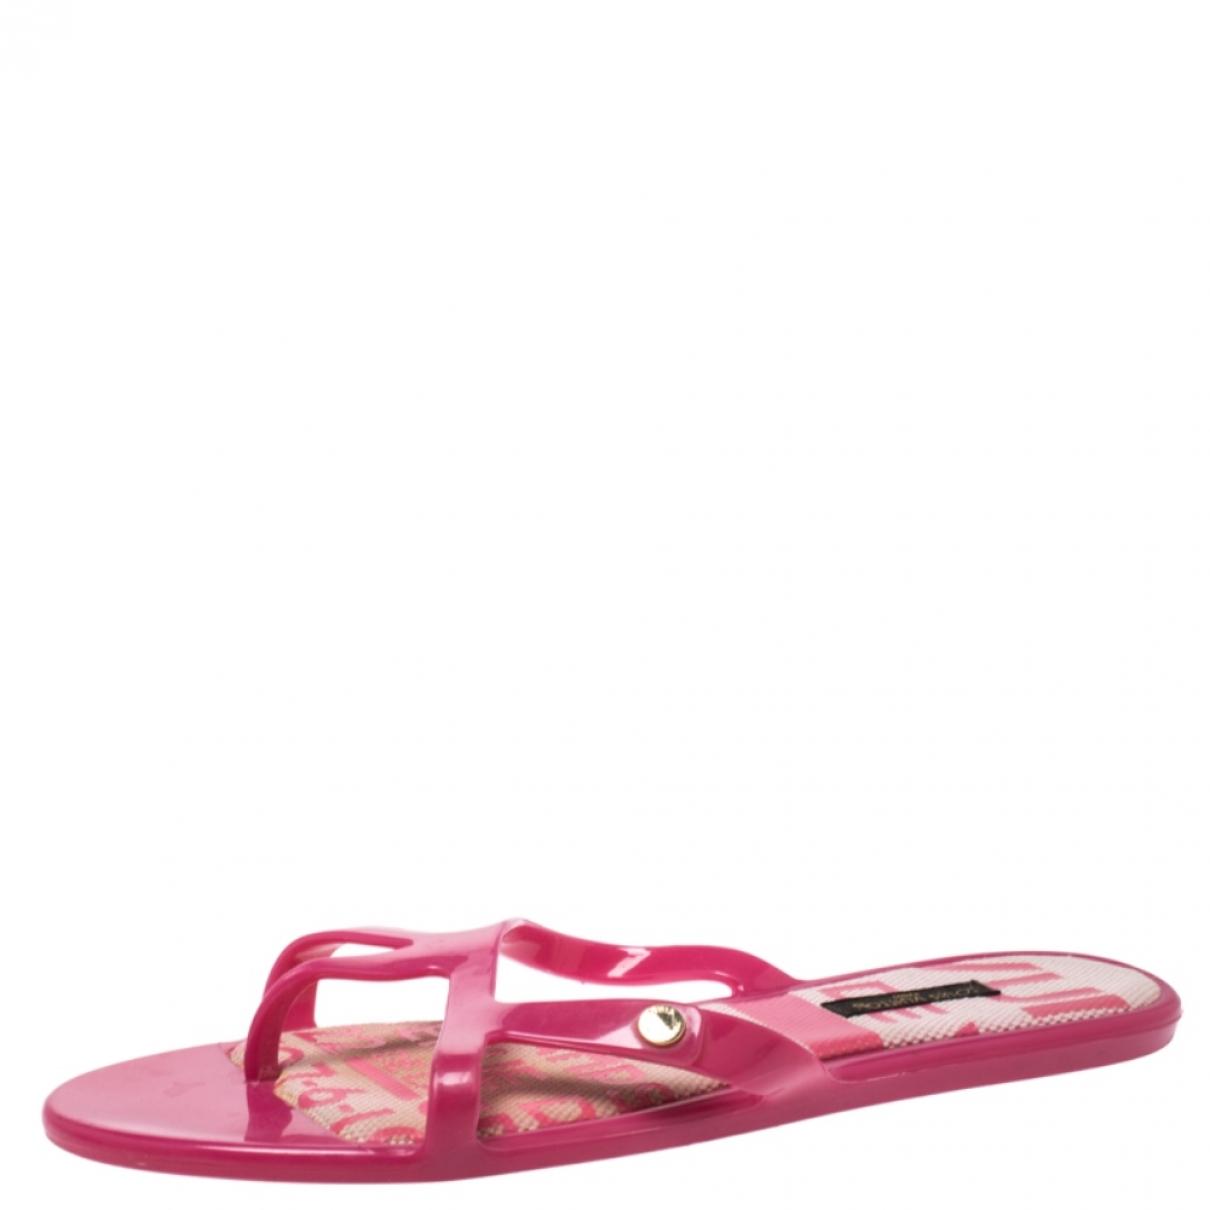 Louis Vuitton - Sandales   pour femme en caoutchouc - rose